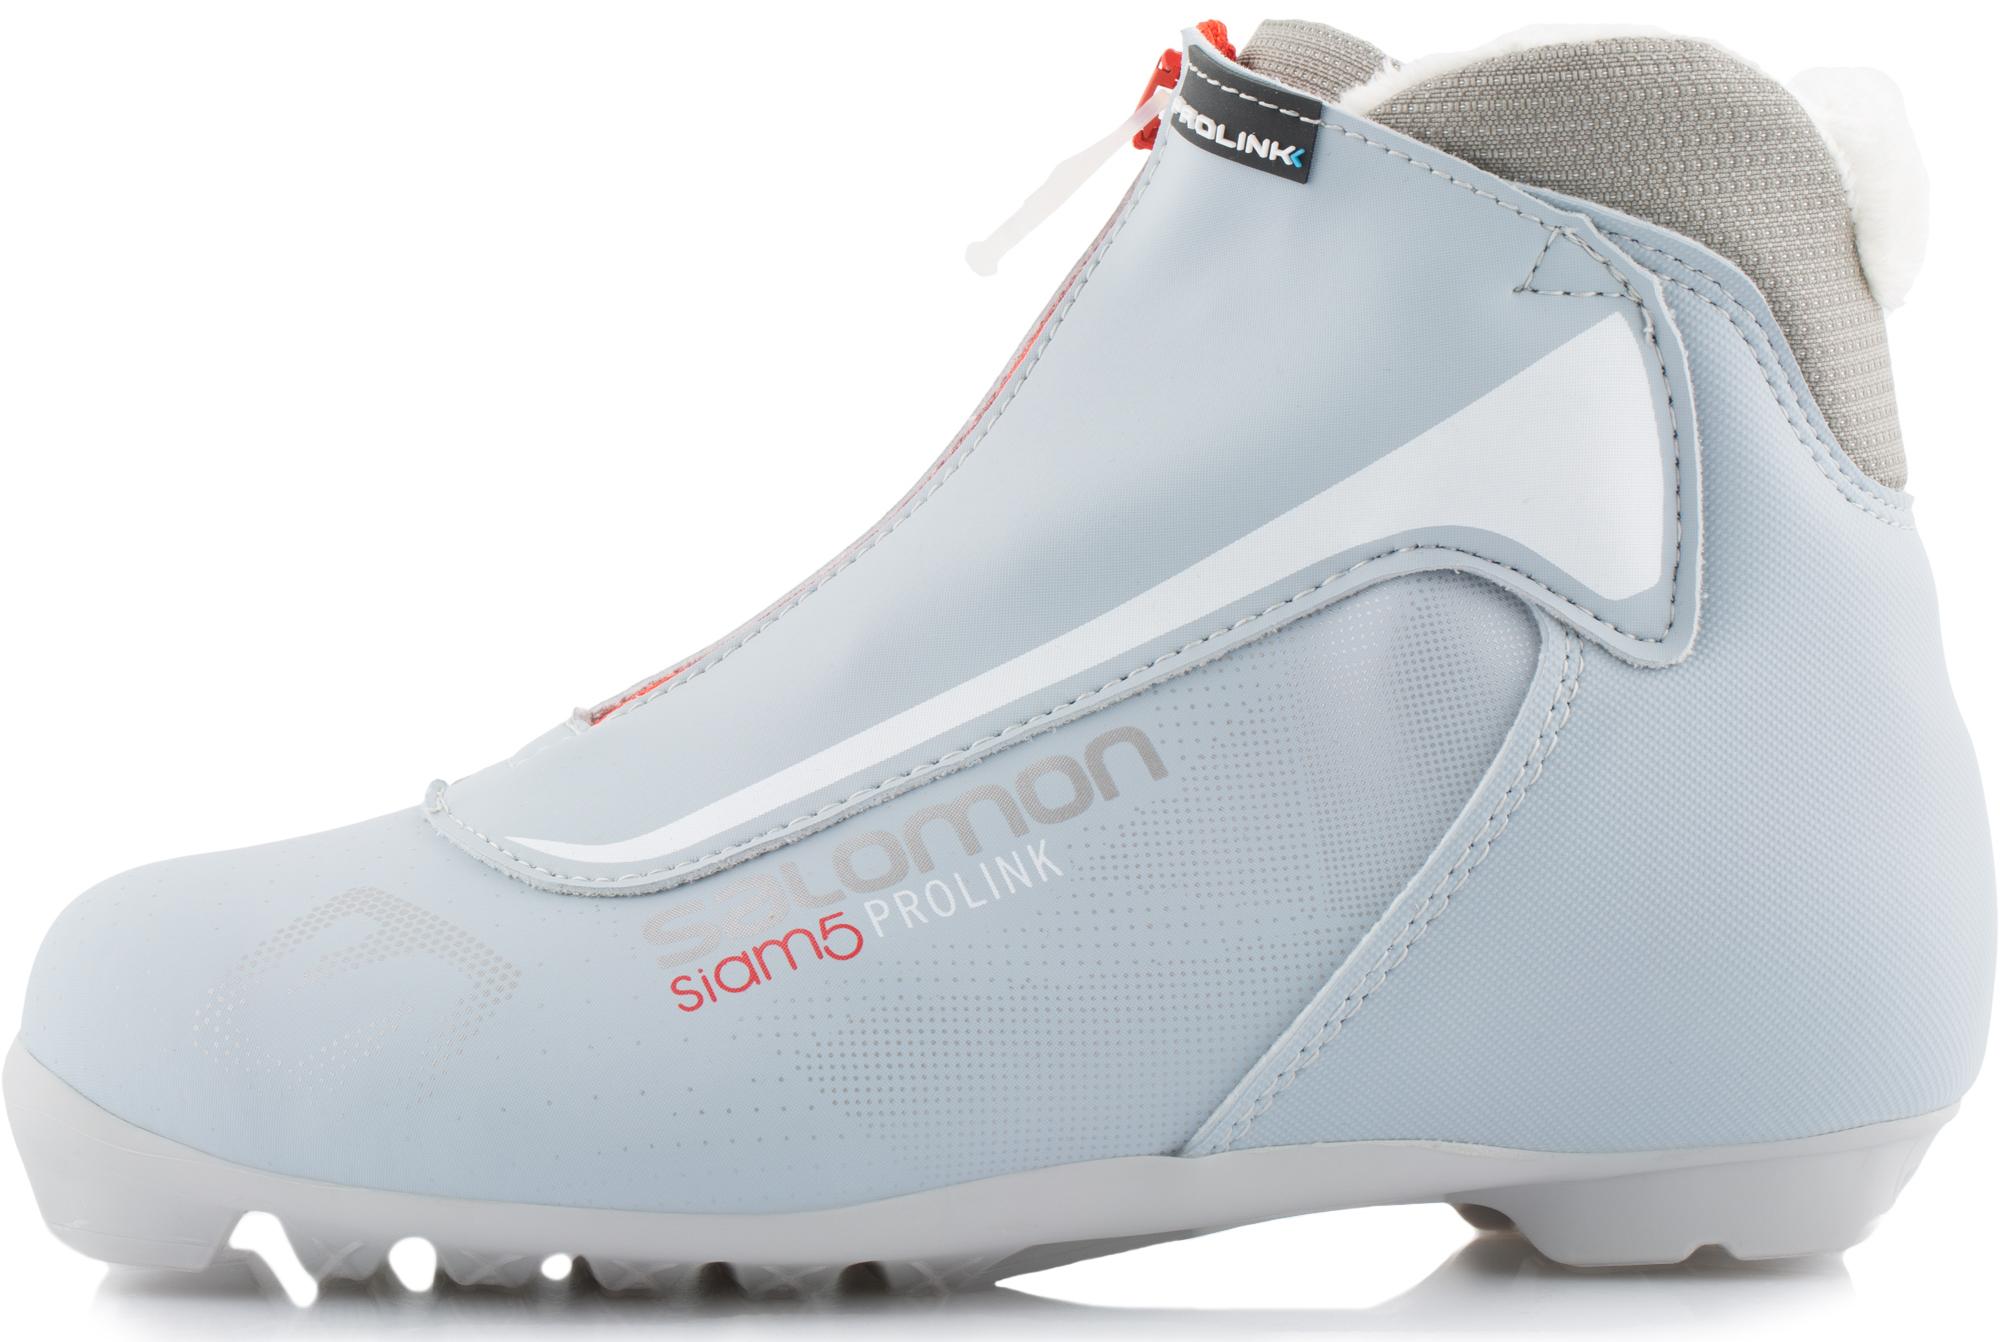 Salomon Ботинки для беговых лыж женские Salomon Siam 5 Prolink, размер 40 salomon крепления для лыж salomon prolink auto